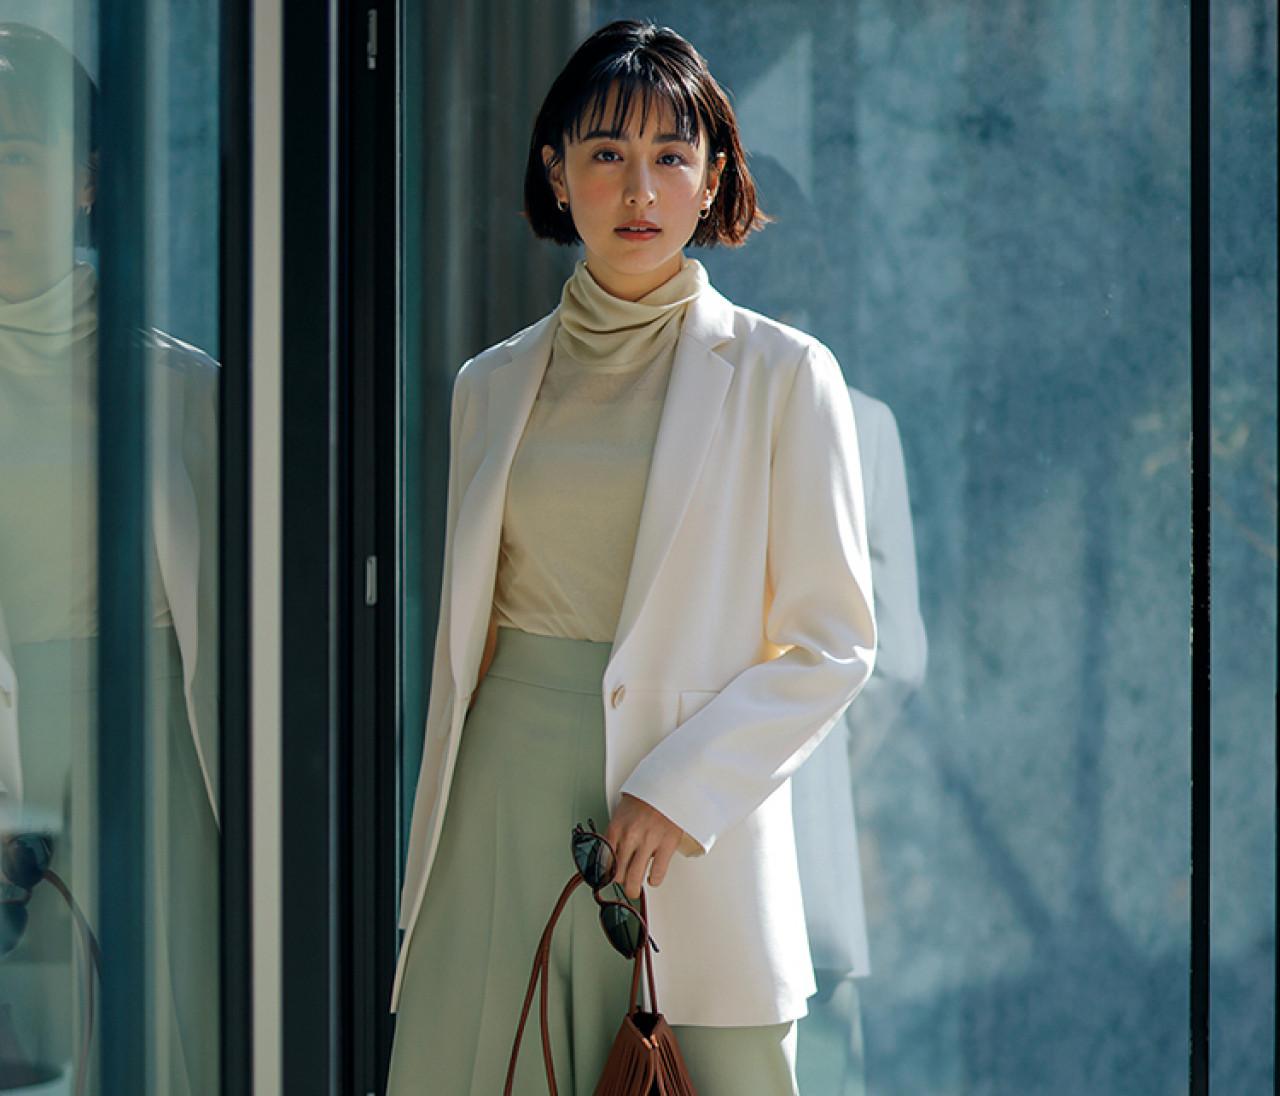 【働く30代の春ジャケット】清潔感のある白ジャケット&透けインナーで洗練センシュアルコーデ